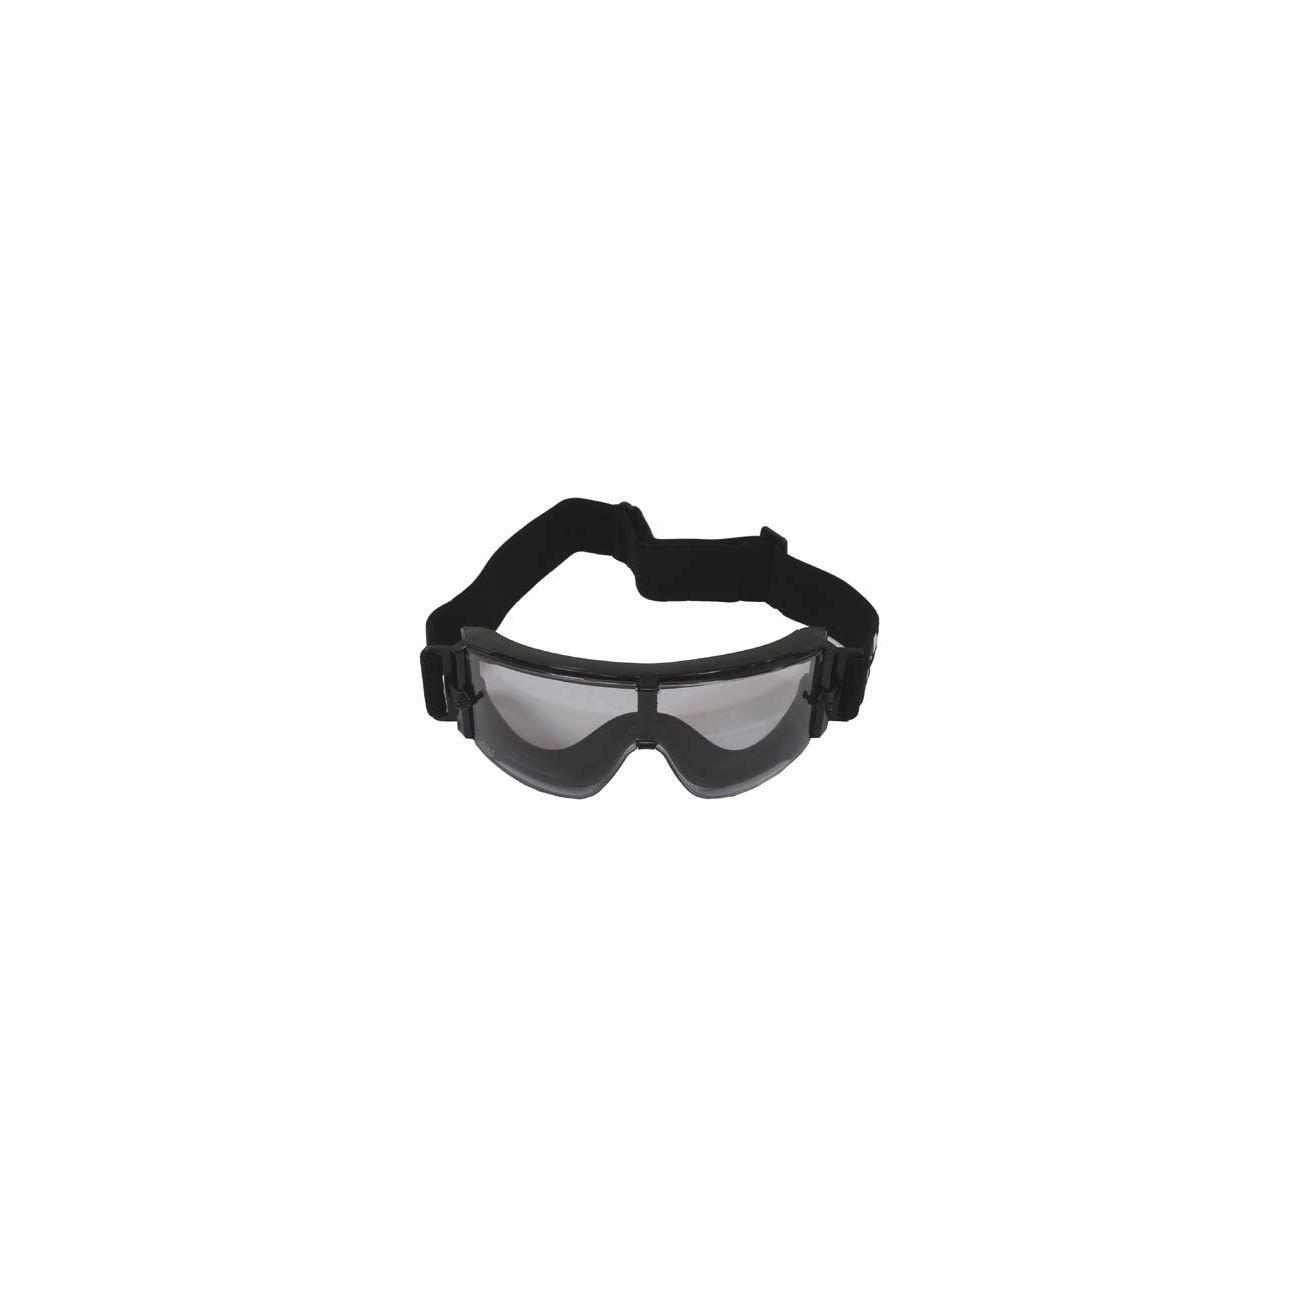 MFH Schutzbrille Thunder schwarz mit 3 Wechselgläser